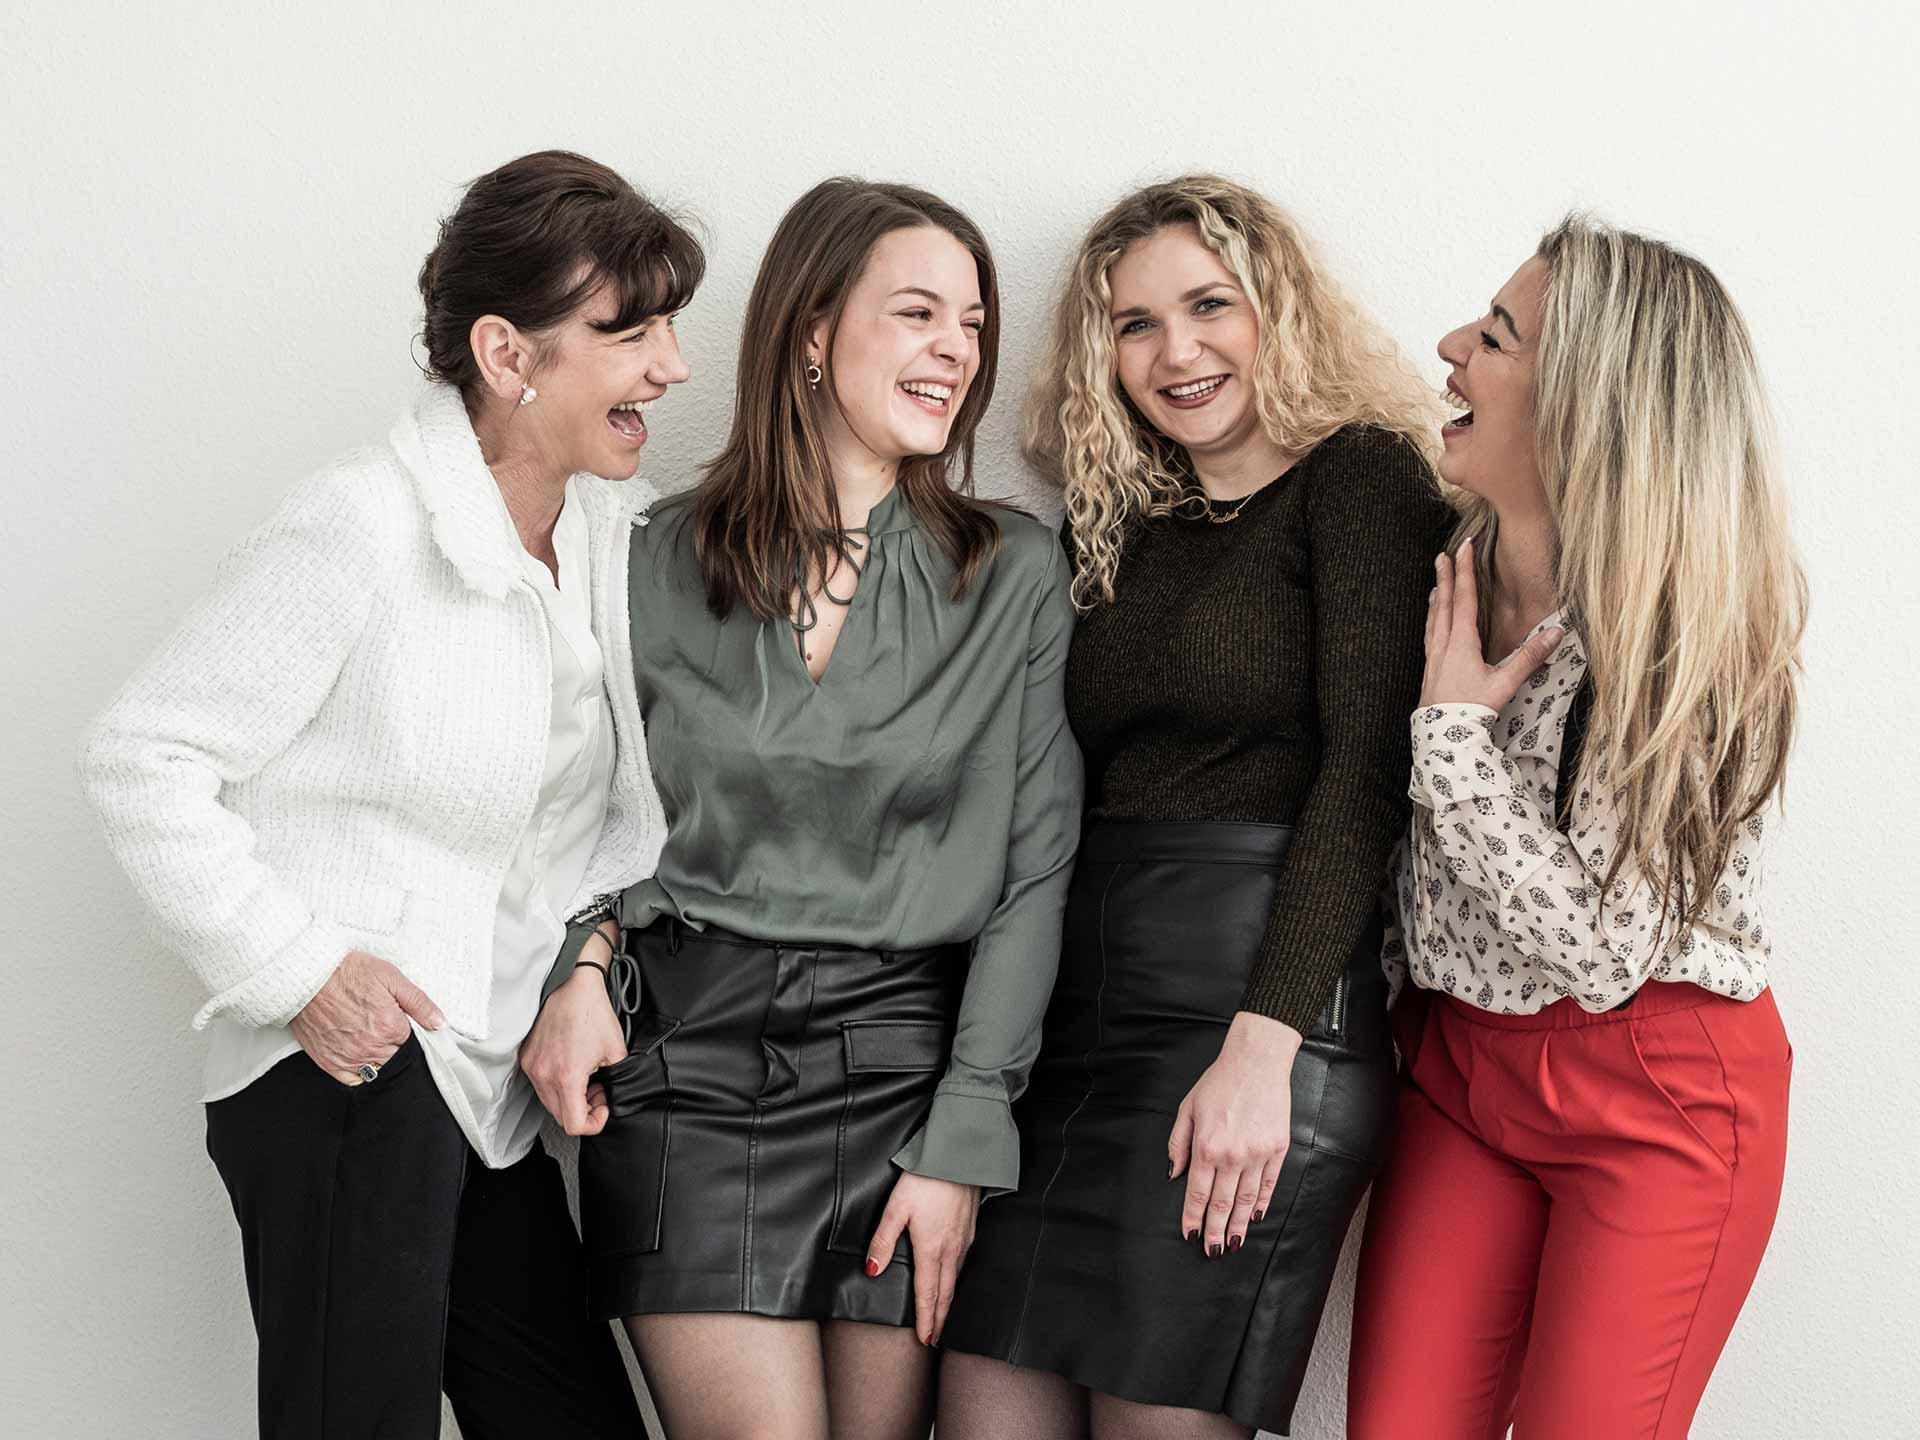 Brockhaus GmbH Immobilienmakler in Weinheim Bild Mitarbeiter Frauen